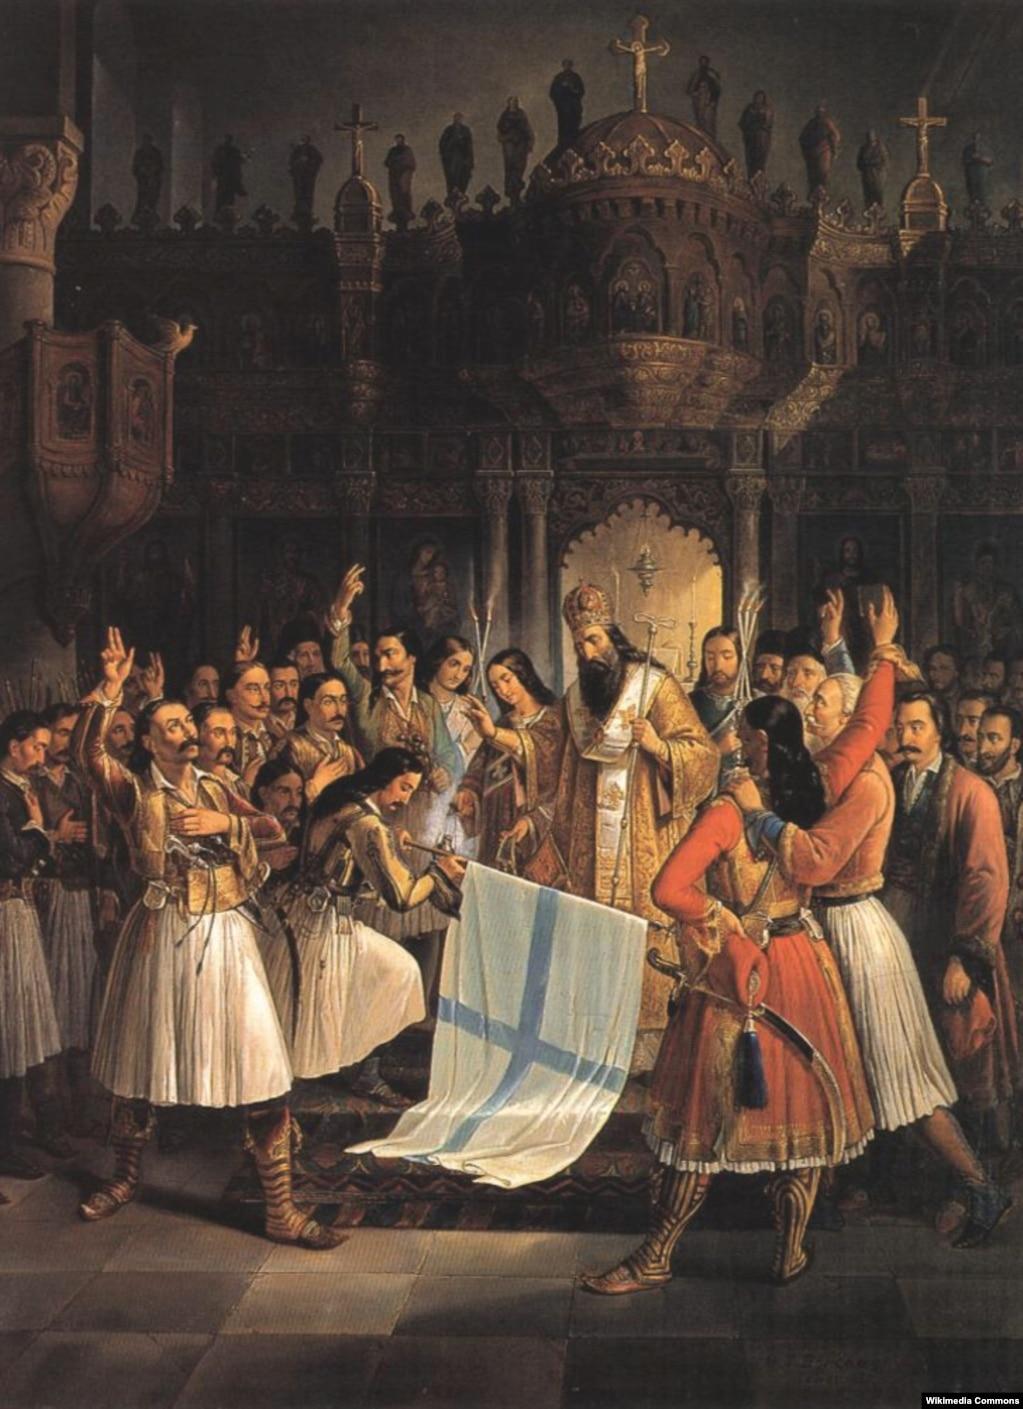 Грецький митрополит Германос благословляє стяг повсталих у монастирі Ая-Лавра, Робота художника Феодорос Врізакіс